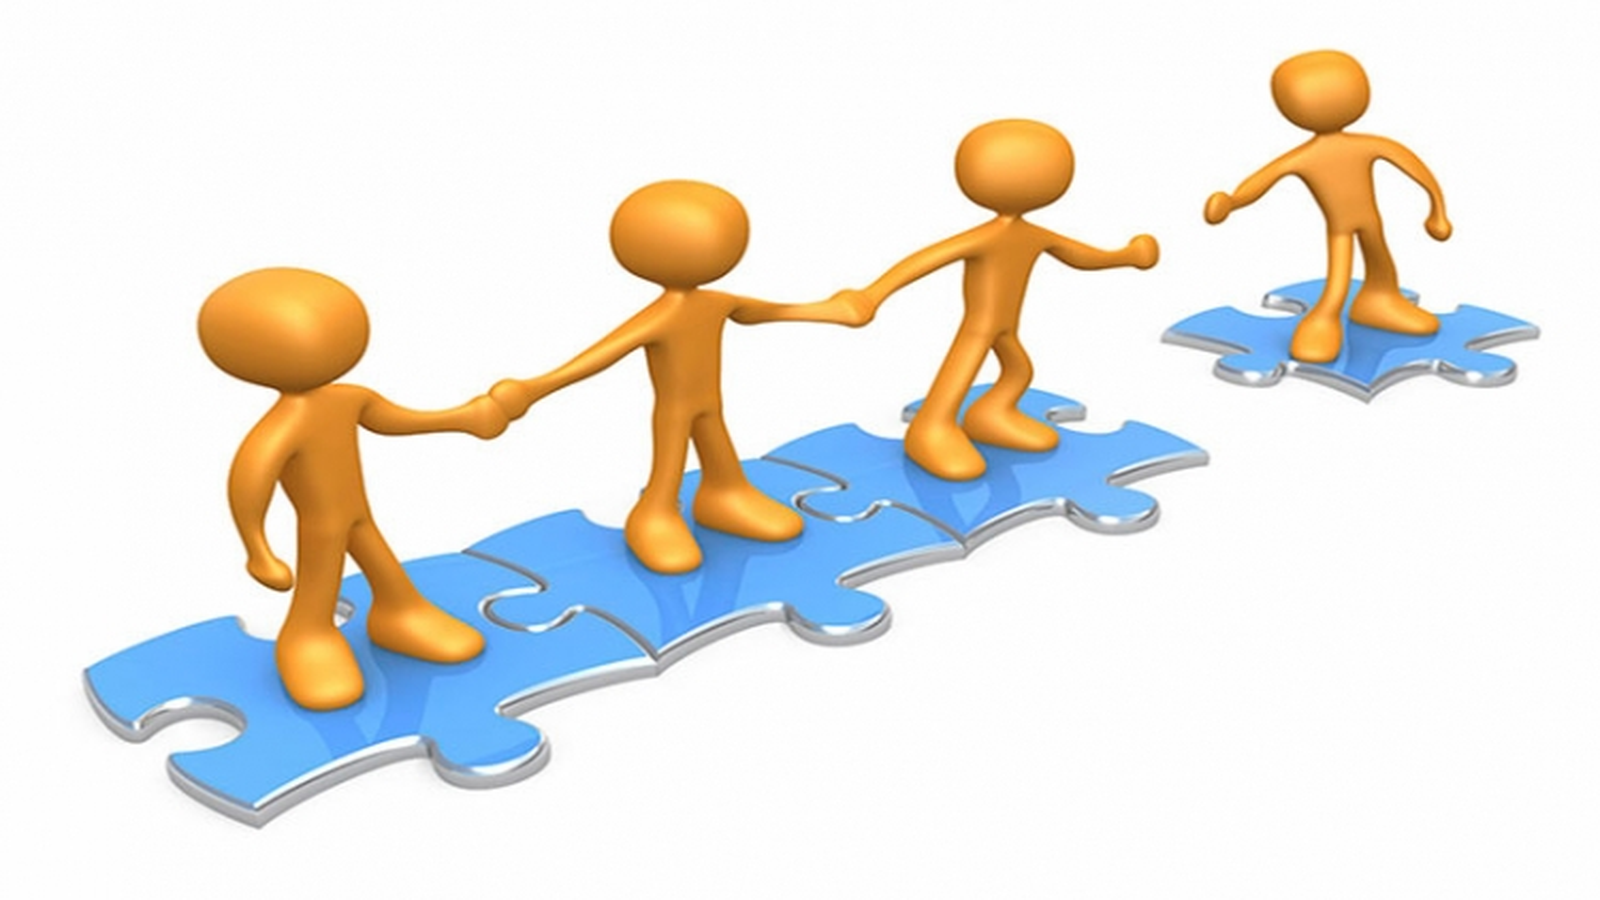 Điều kiện áp dụng cơ chế thỏa thuận trước về giá tính thuế trong giao dịch liên kết